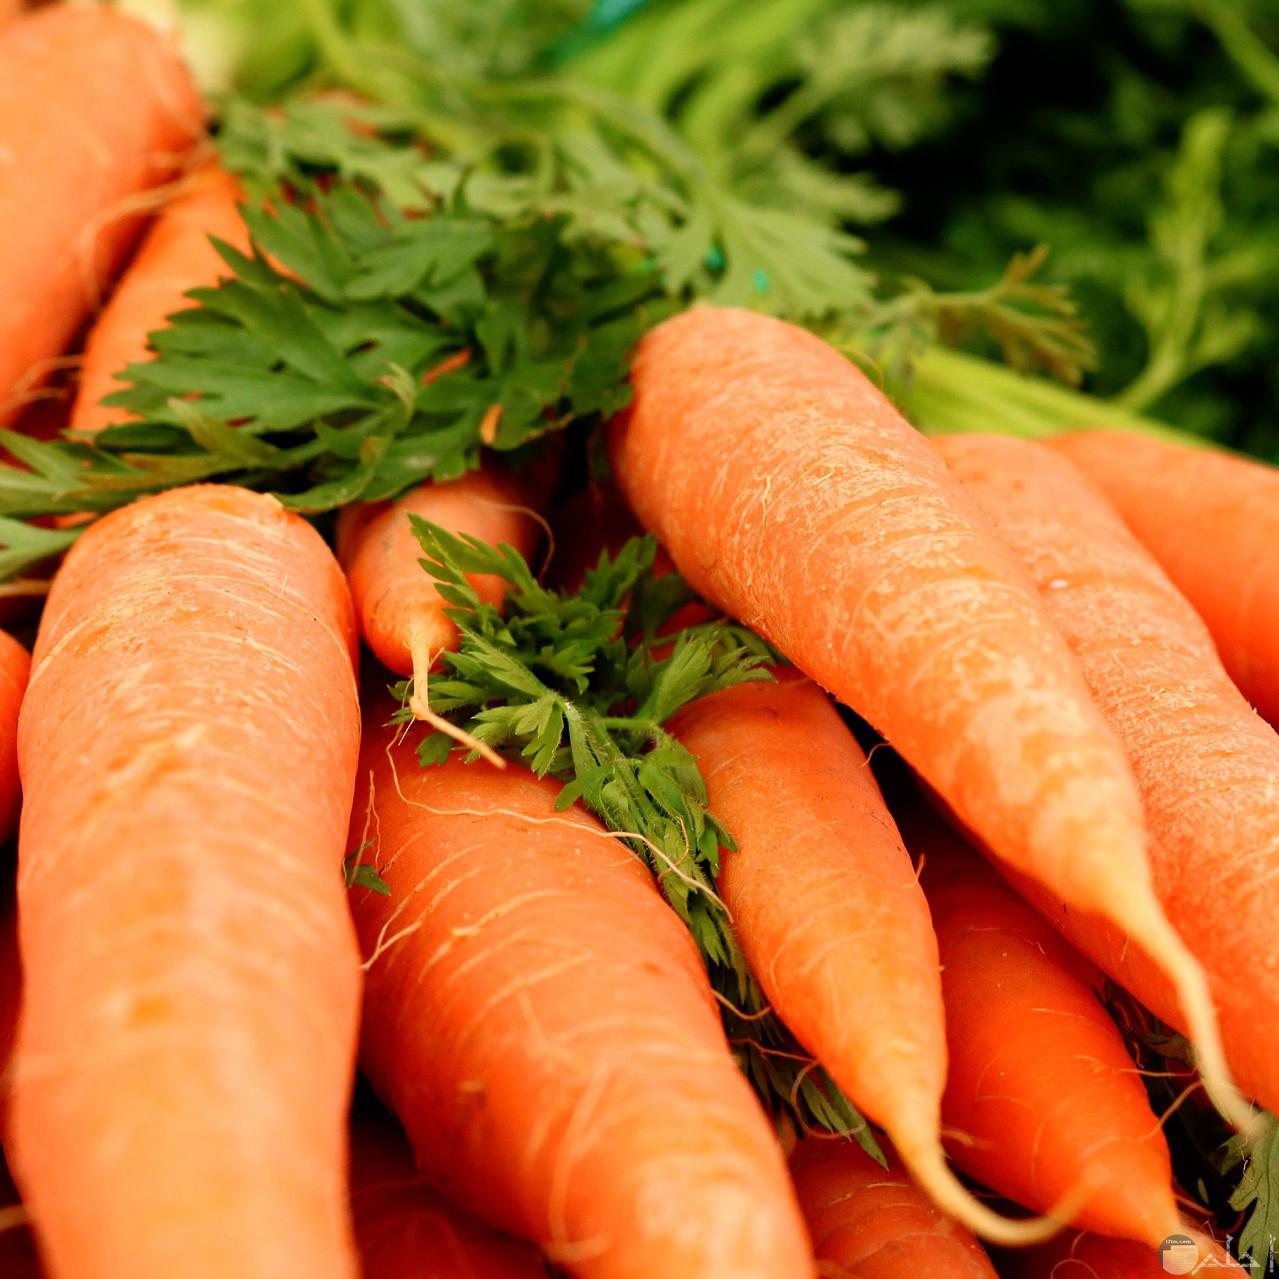 صورة عن خضار الجزر الذي يعتبر من الخضراوات الشتوية ويحتوي علي الفيتامينات المفيدة للجسم